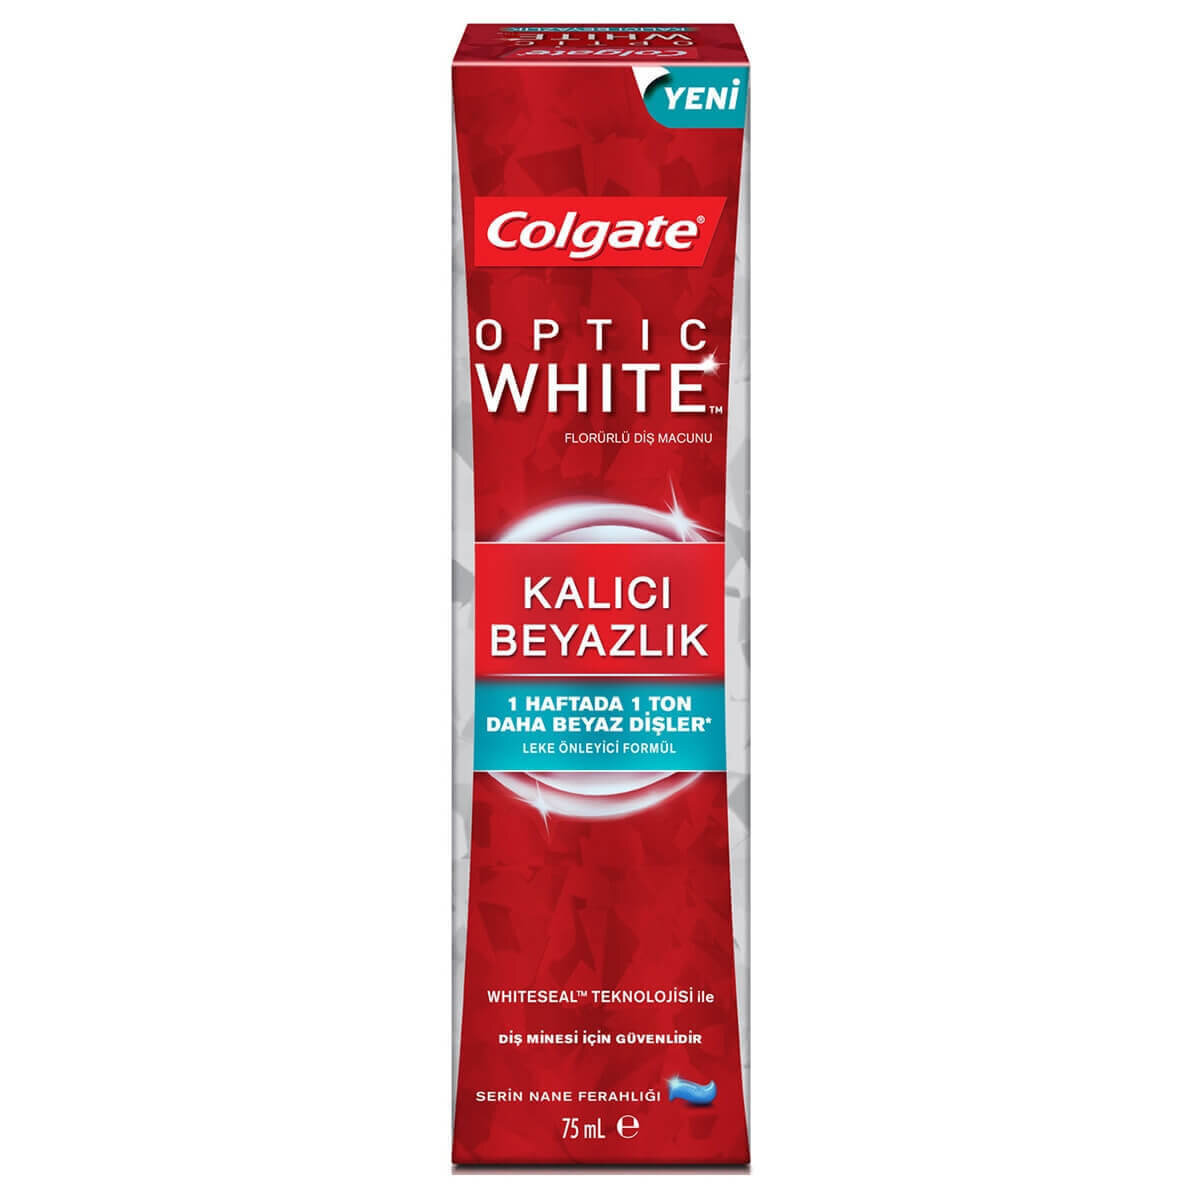 Optic White Kalici Beyazlik Diş Macunu 75ml